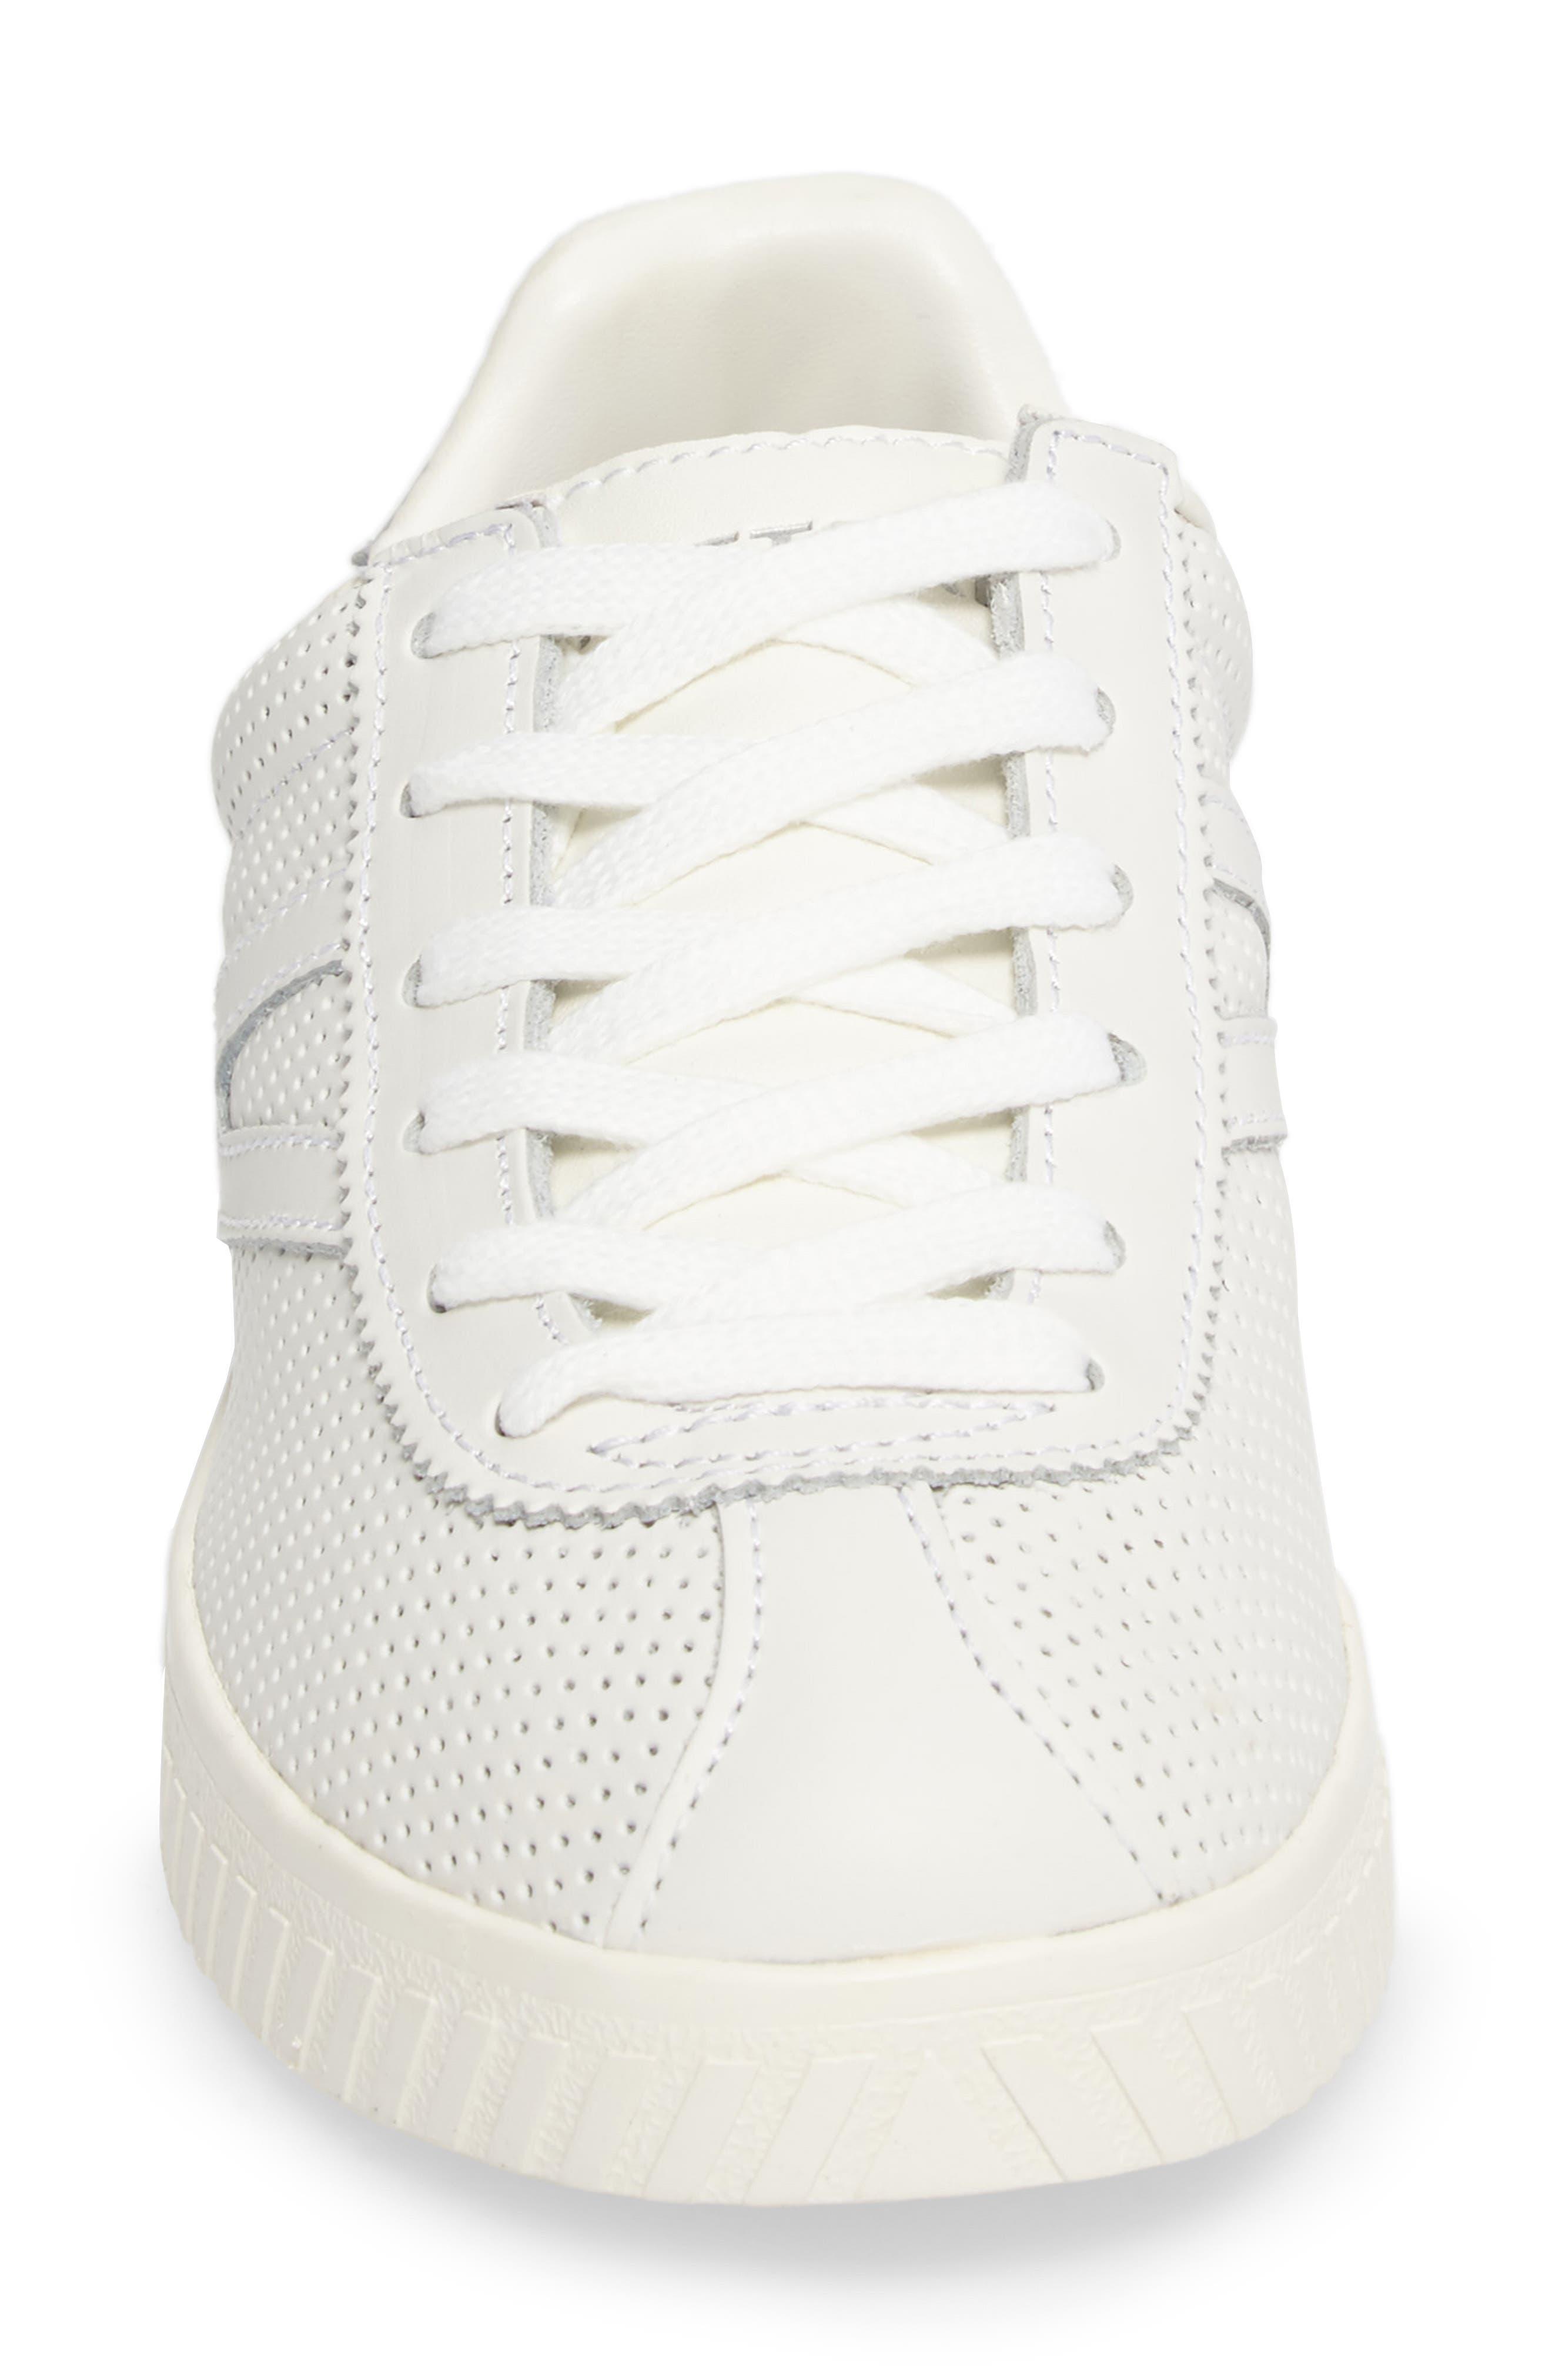 Camden 2 Sneaker,                             Alternate thumbnail 4, color,                             White/ White/ Silver